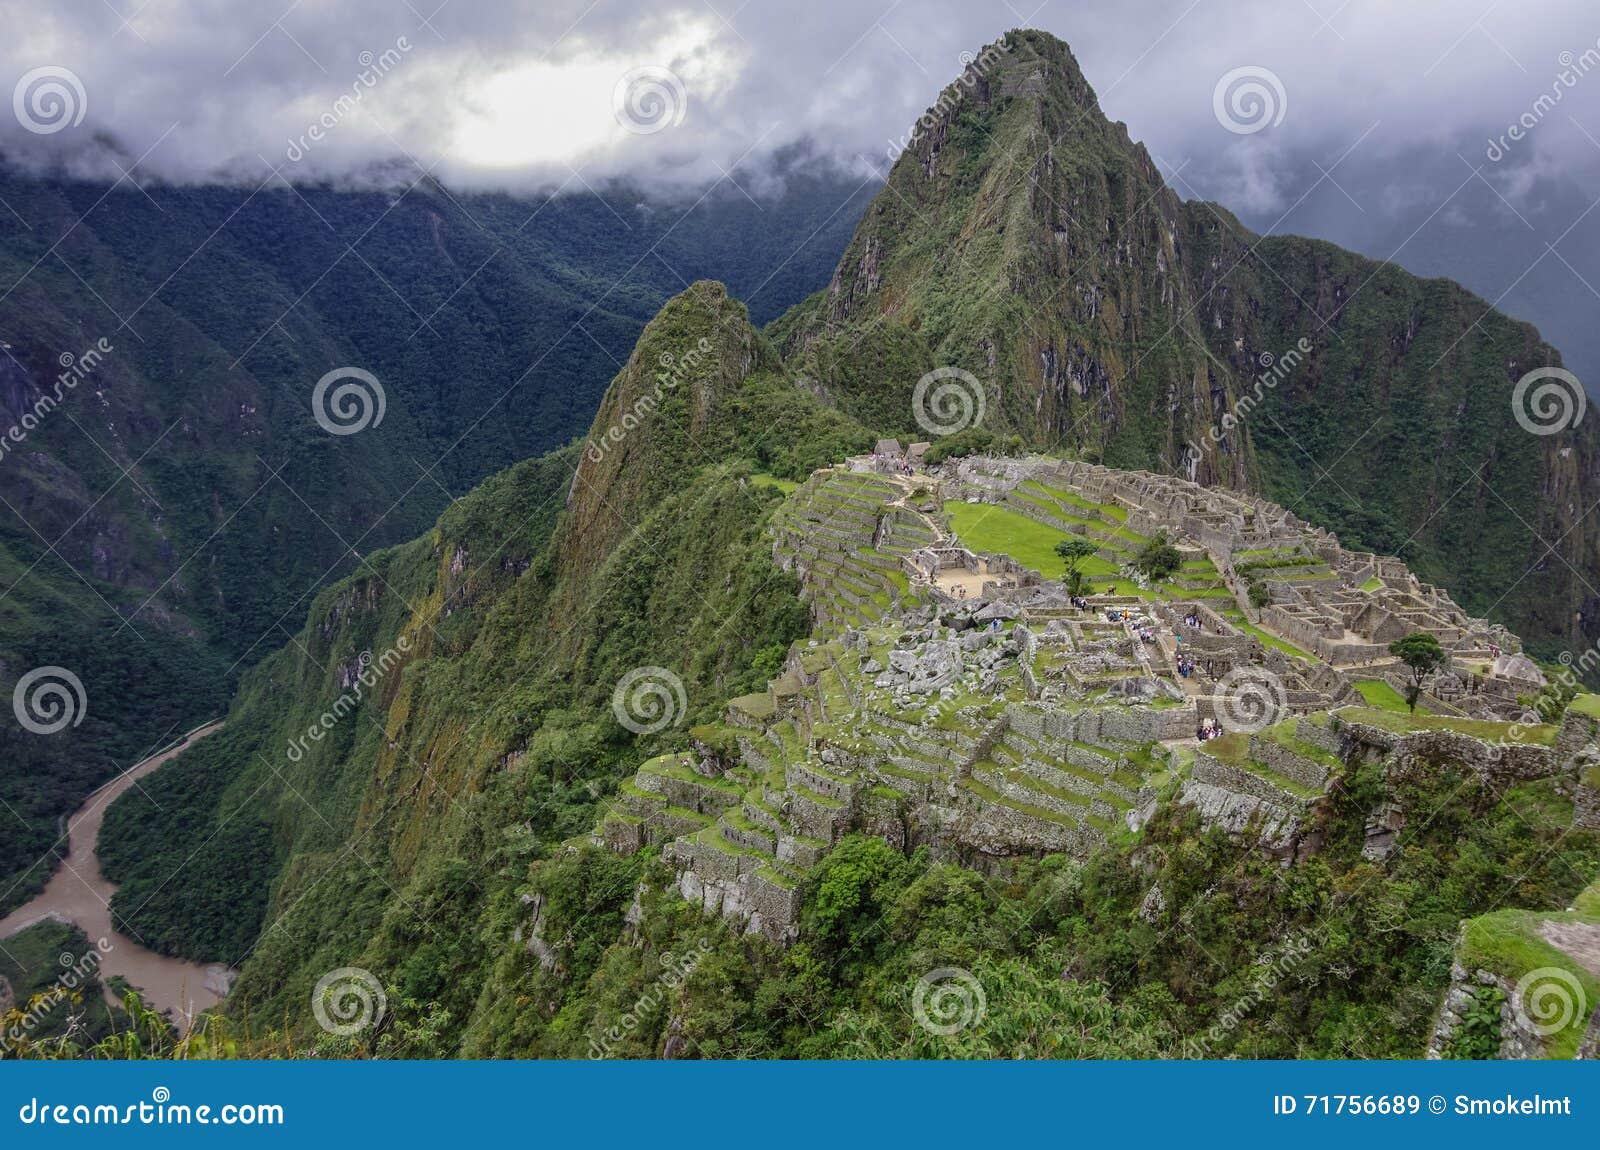 Άποψη της χαμένης πόλης Incan Machu Picchu και του MO Huayna Picchu